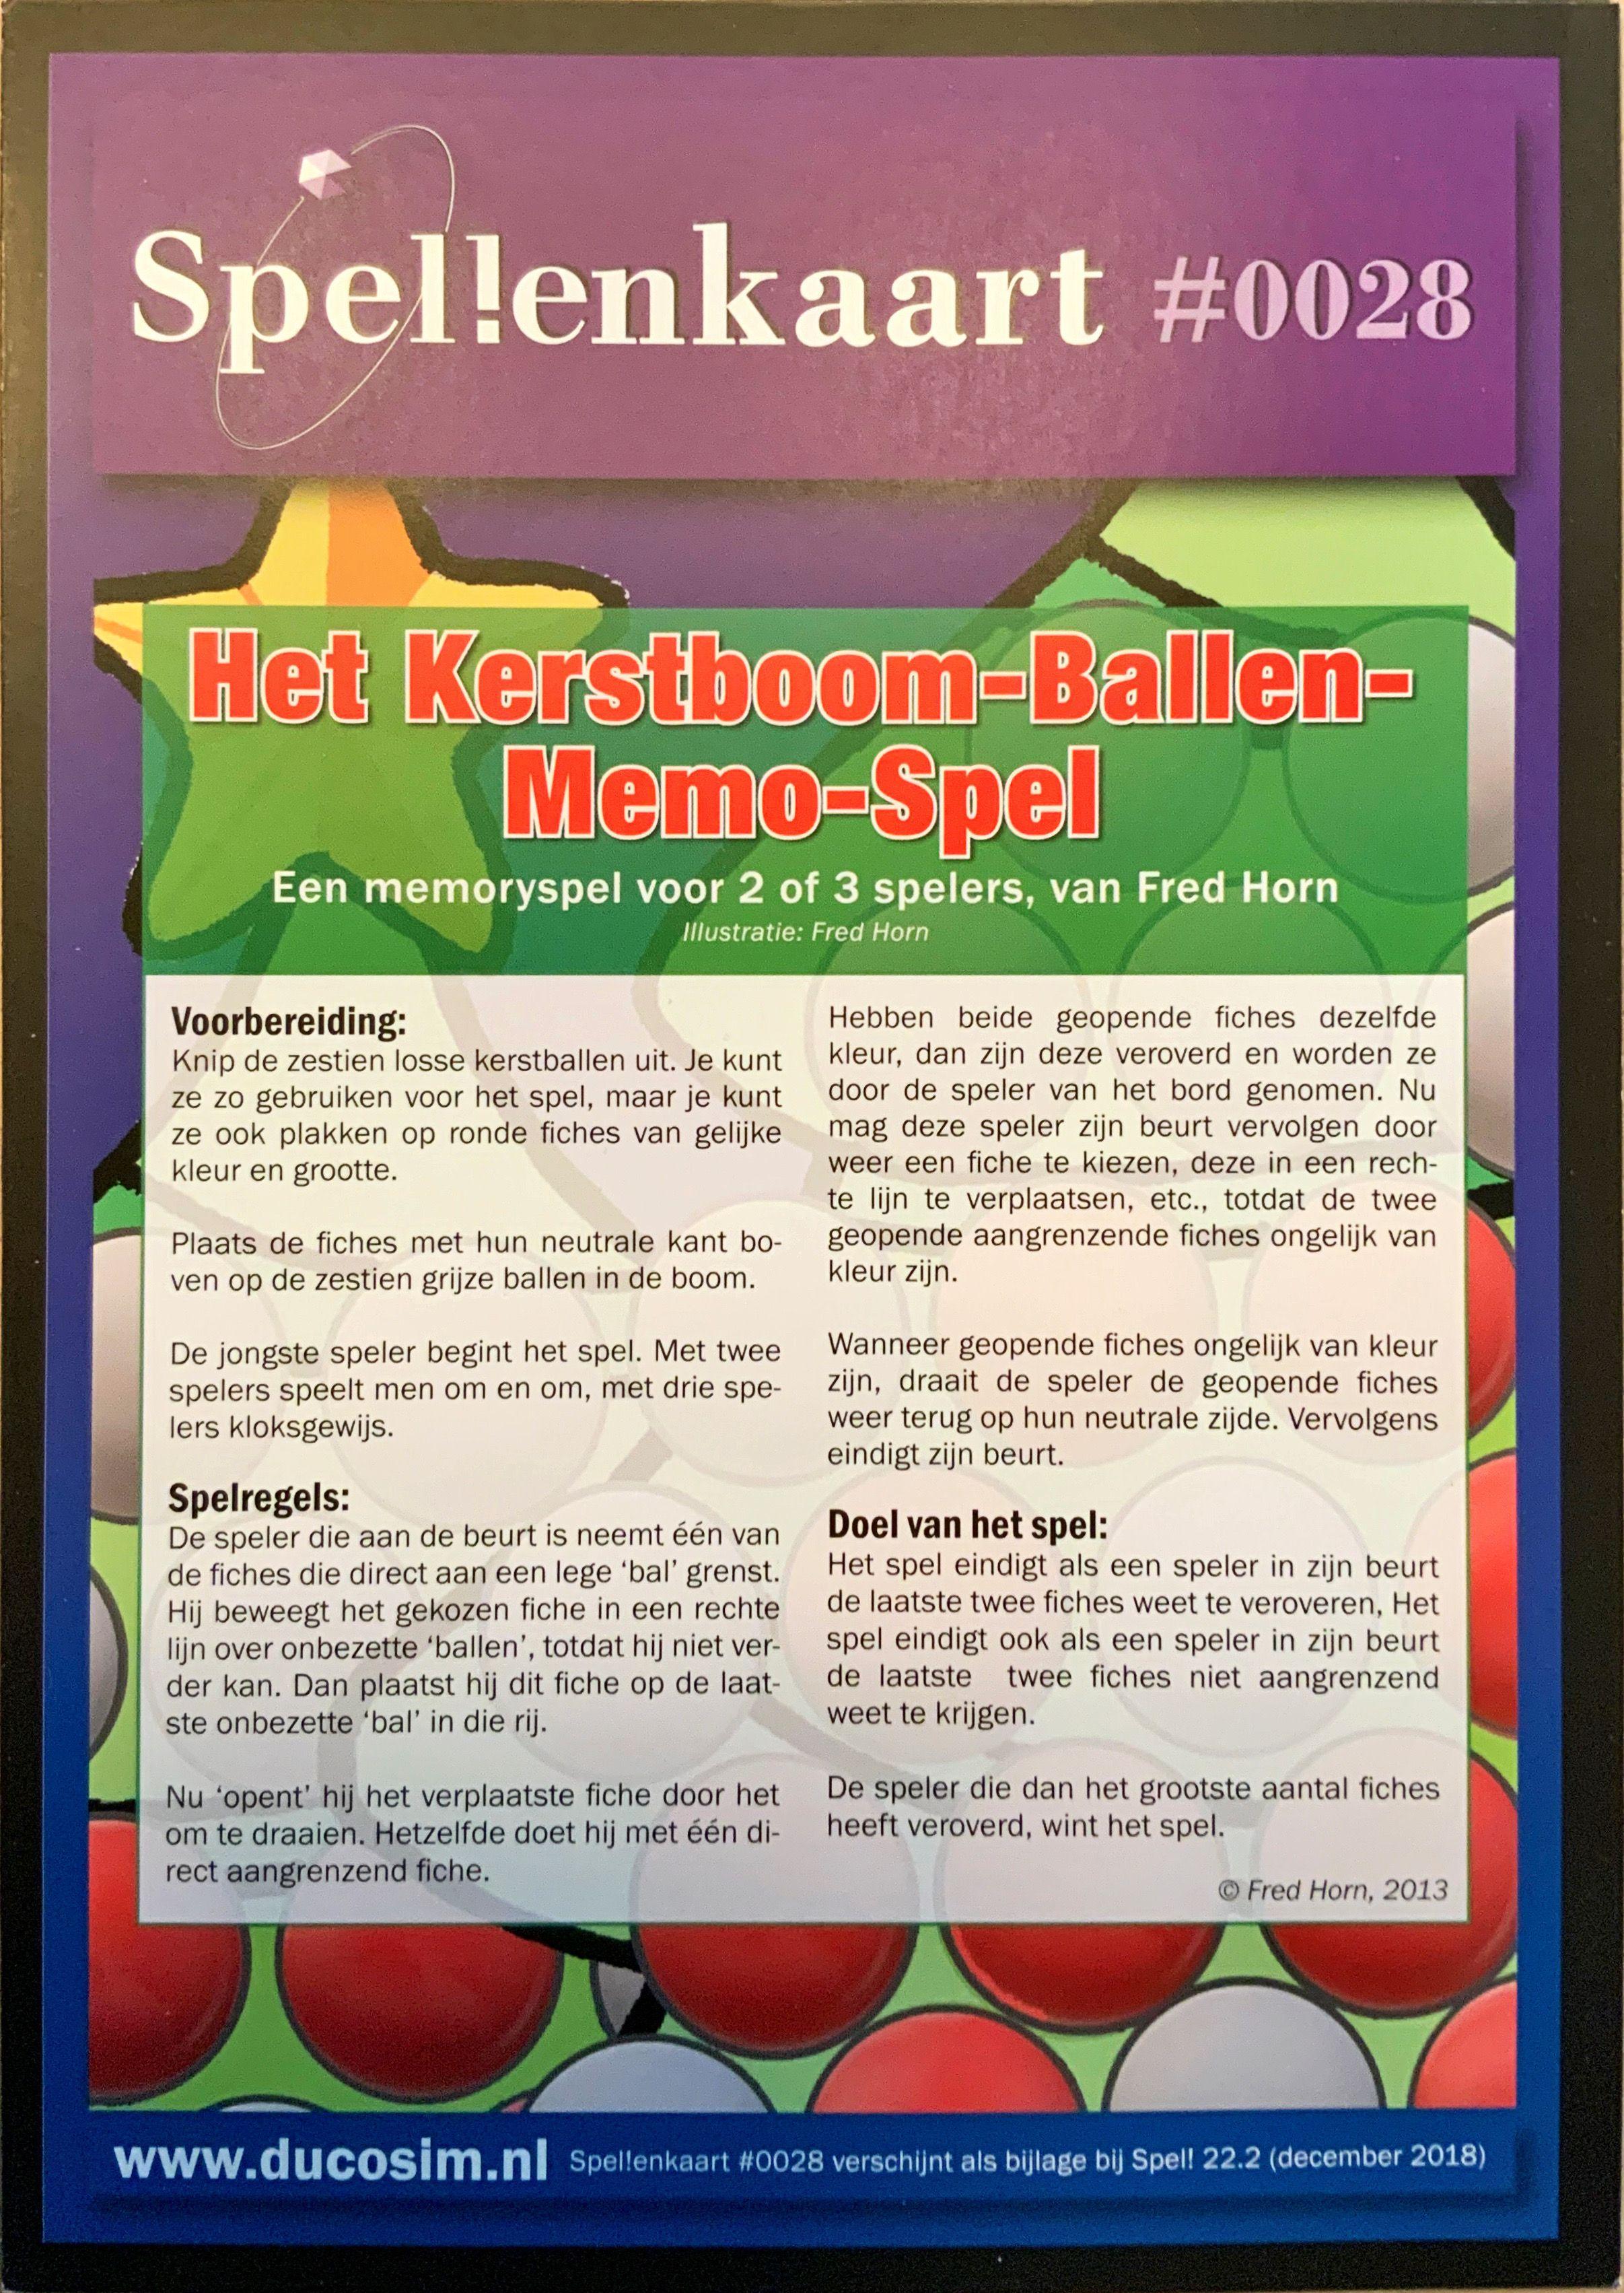 Het Kerstboom-Ballen-Memo-Spel